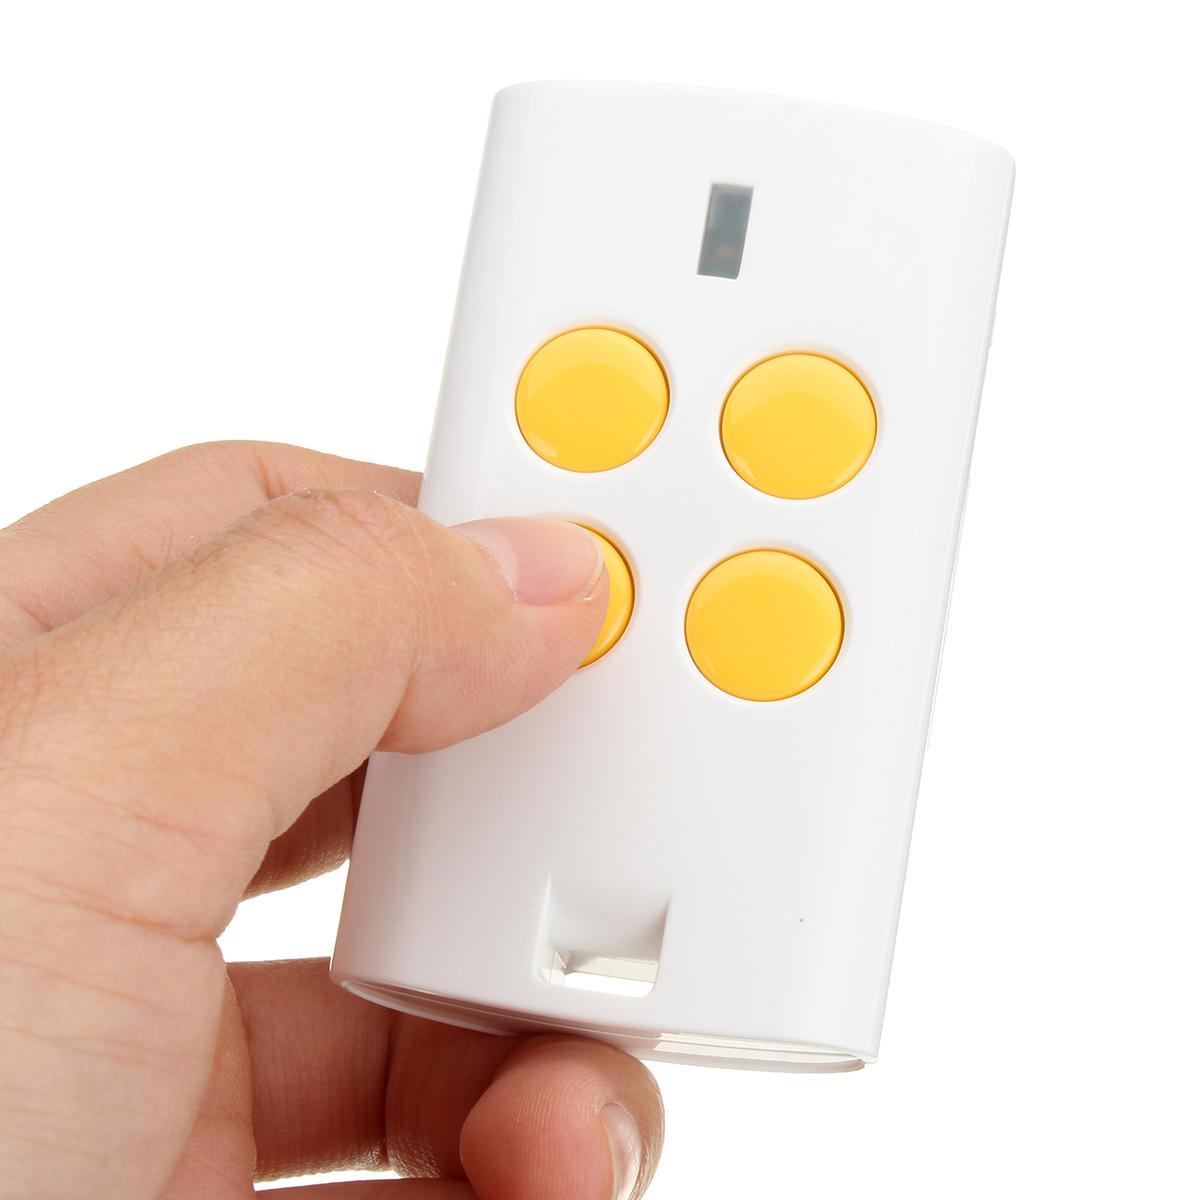 Le commutateur à télécommande universel de porte de garage universel de 4 boutons 280-868MHz adapte le code de roulement fixe